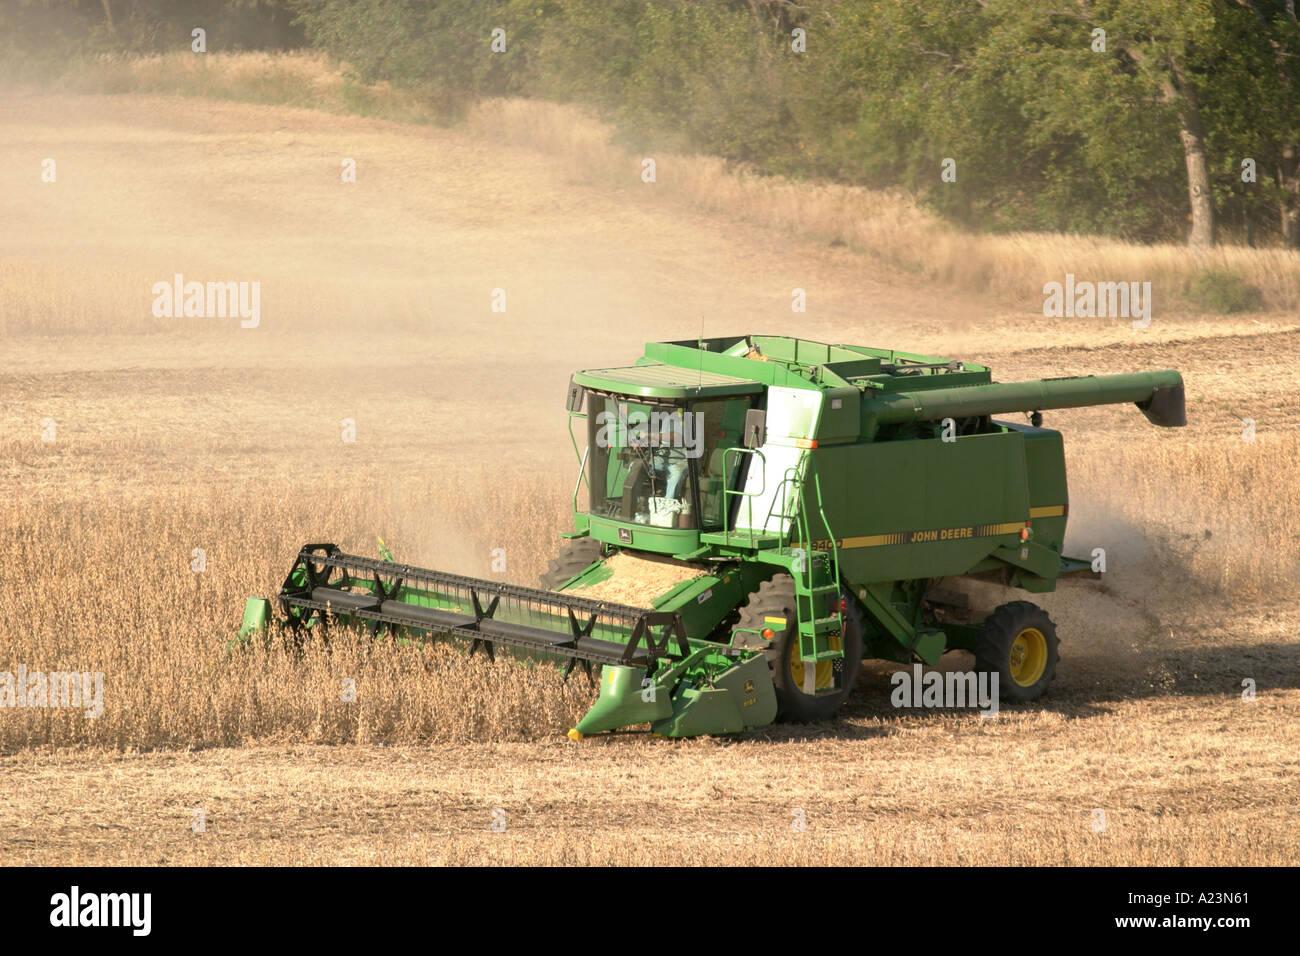 John Deere Combine Harvesting In A Soybean Field